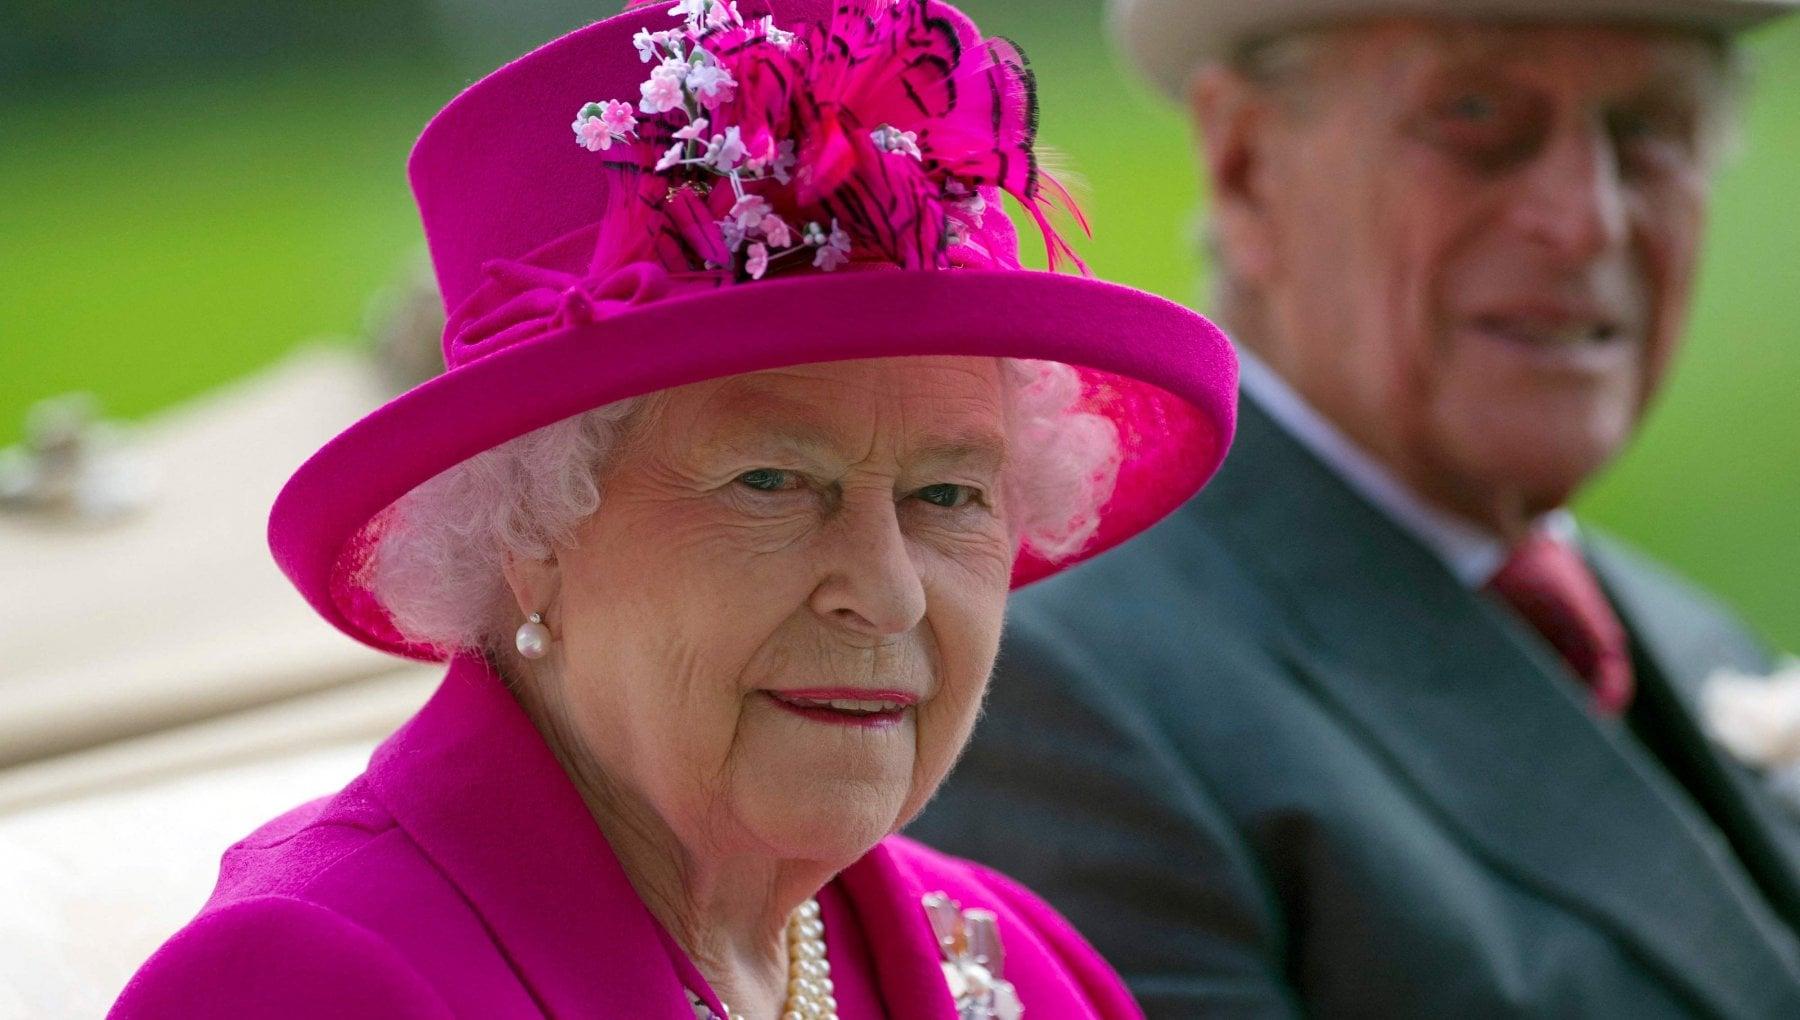 111035668 a7ff62b1 202a 4214 98b1 1238e5e806e9 - Rispondere o tacere, il dilemma della famiglia reale dopo l'intervista di Harry e Meghan